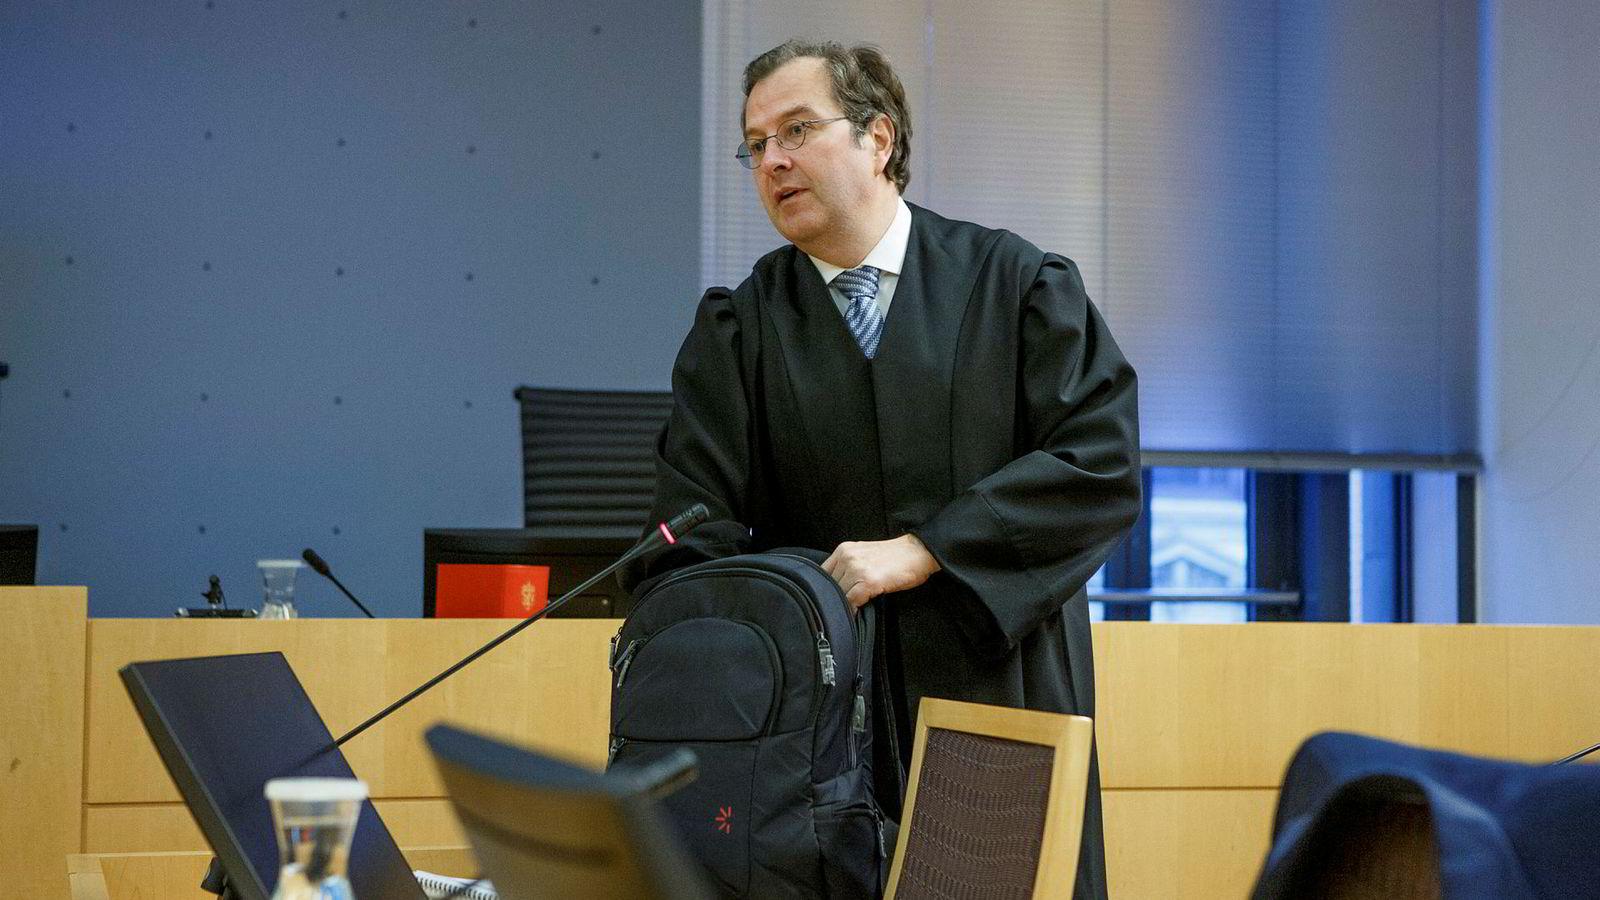 Investeringsrådgiverens advokat, Anders Morten Brosveet, mener handelen mellom hans klient og obligasjonsmegleren ikke faller under bestemmelsen om markedsmanipulasjon, og dermed heller ikke av innsidehandelsforbudet.